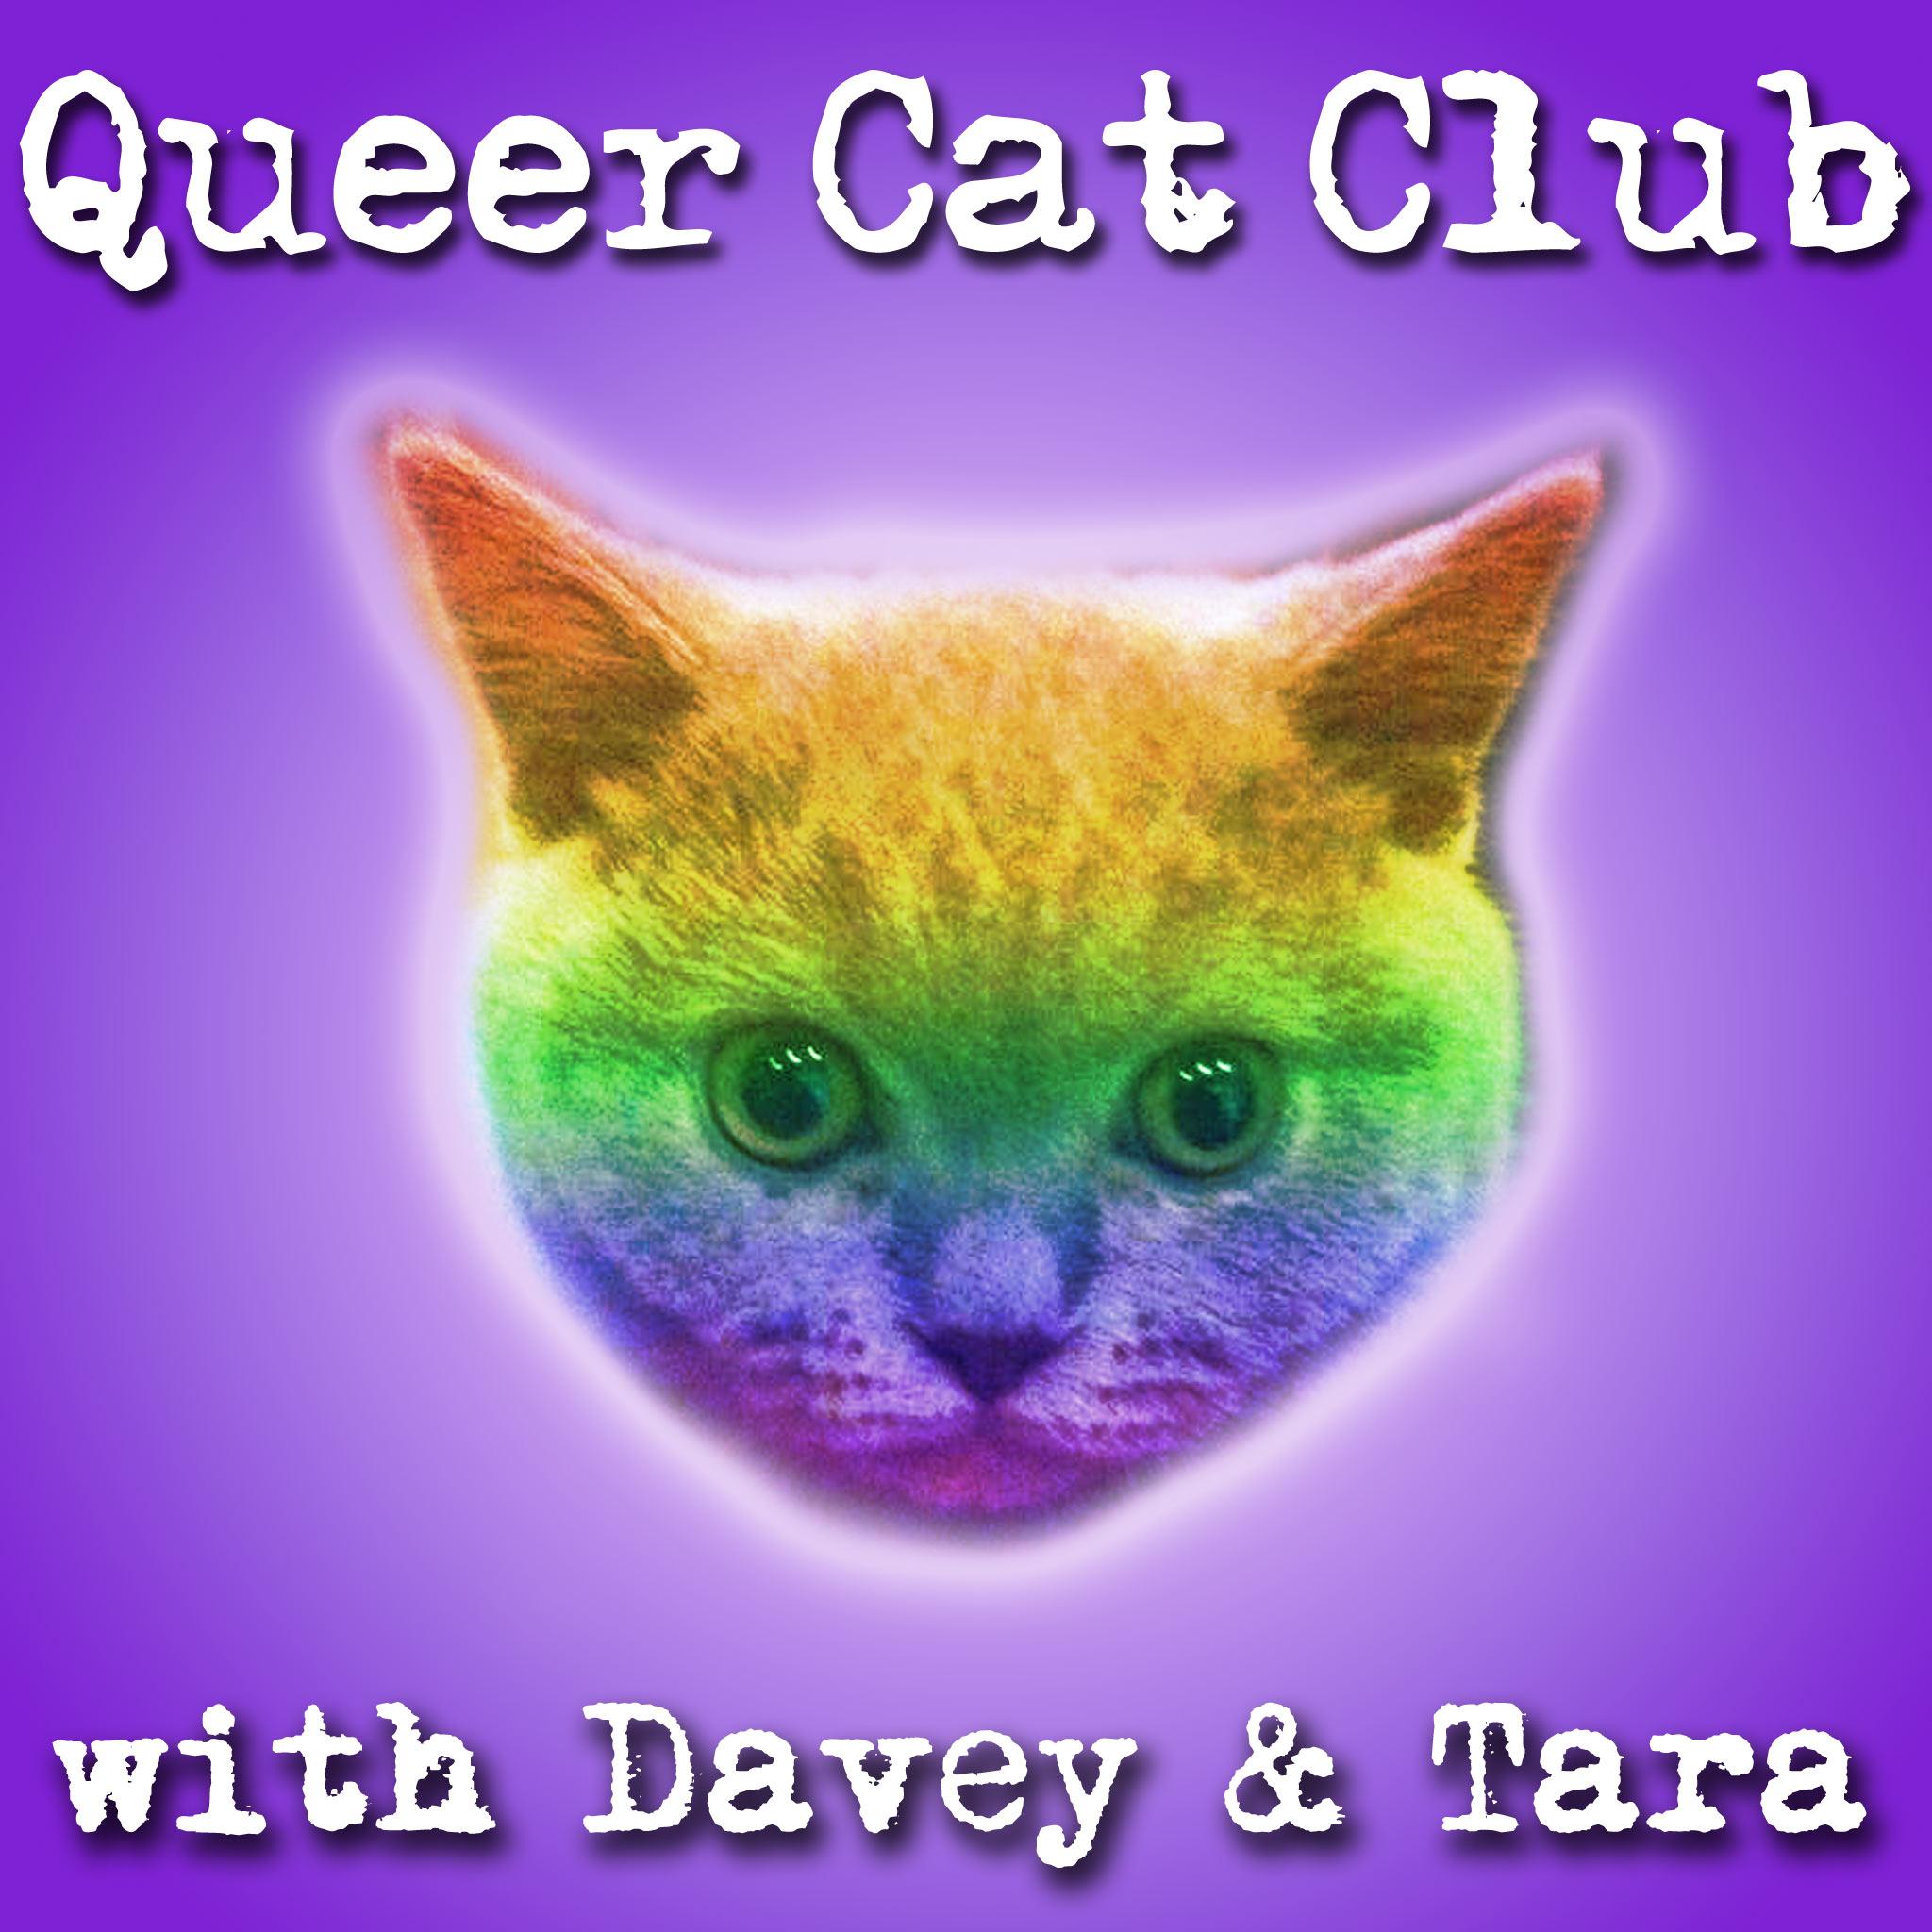 Queer Cat Club